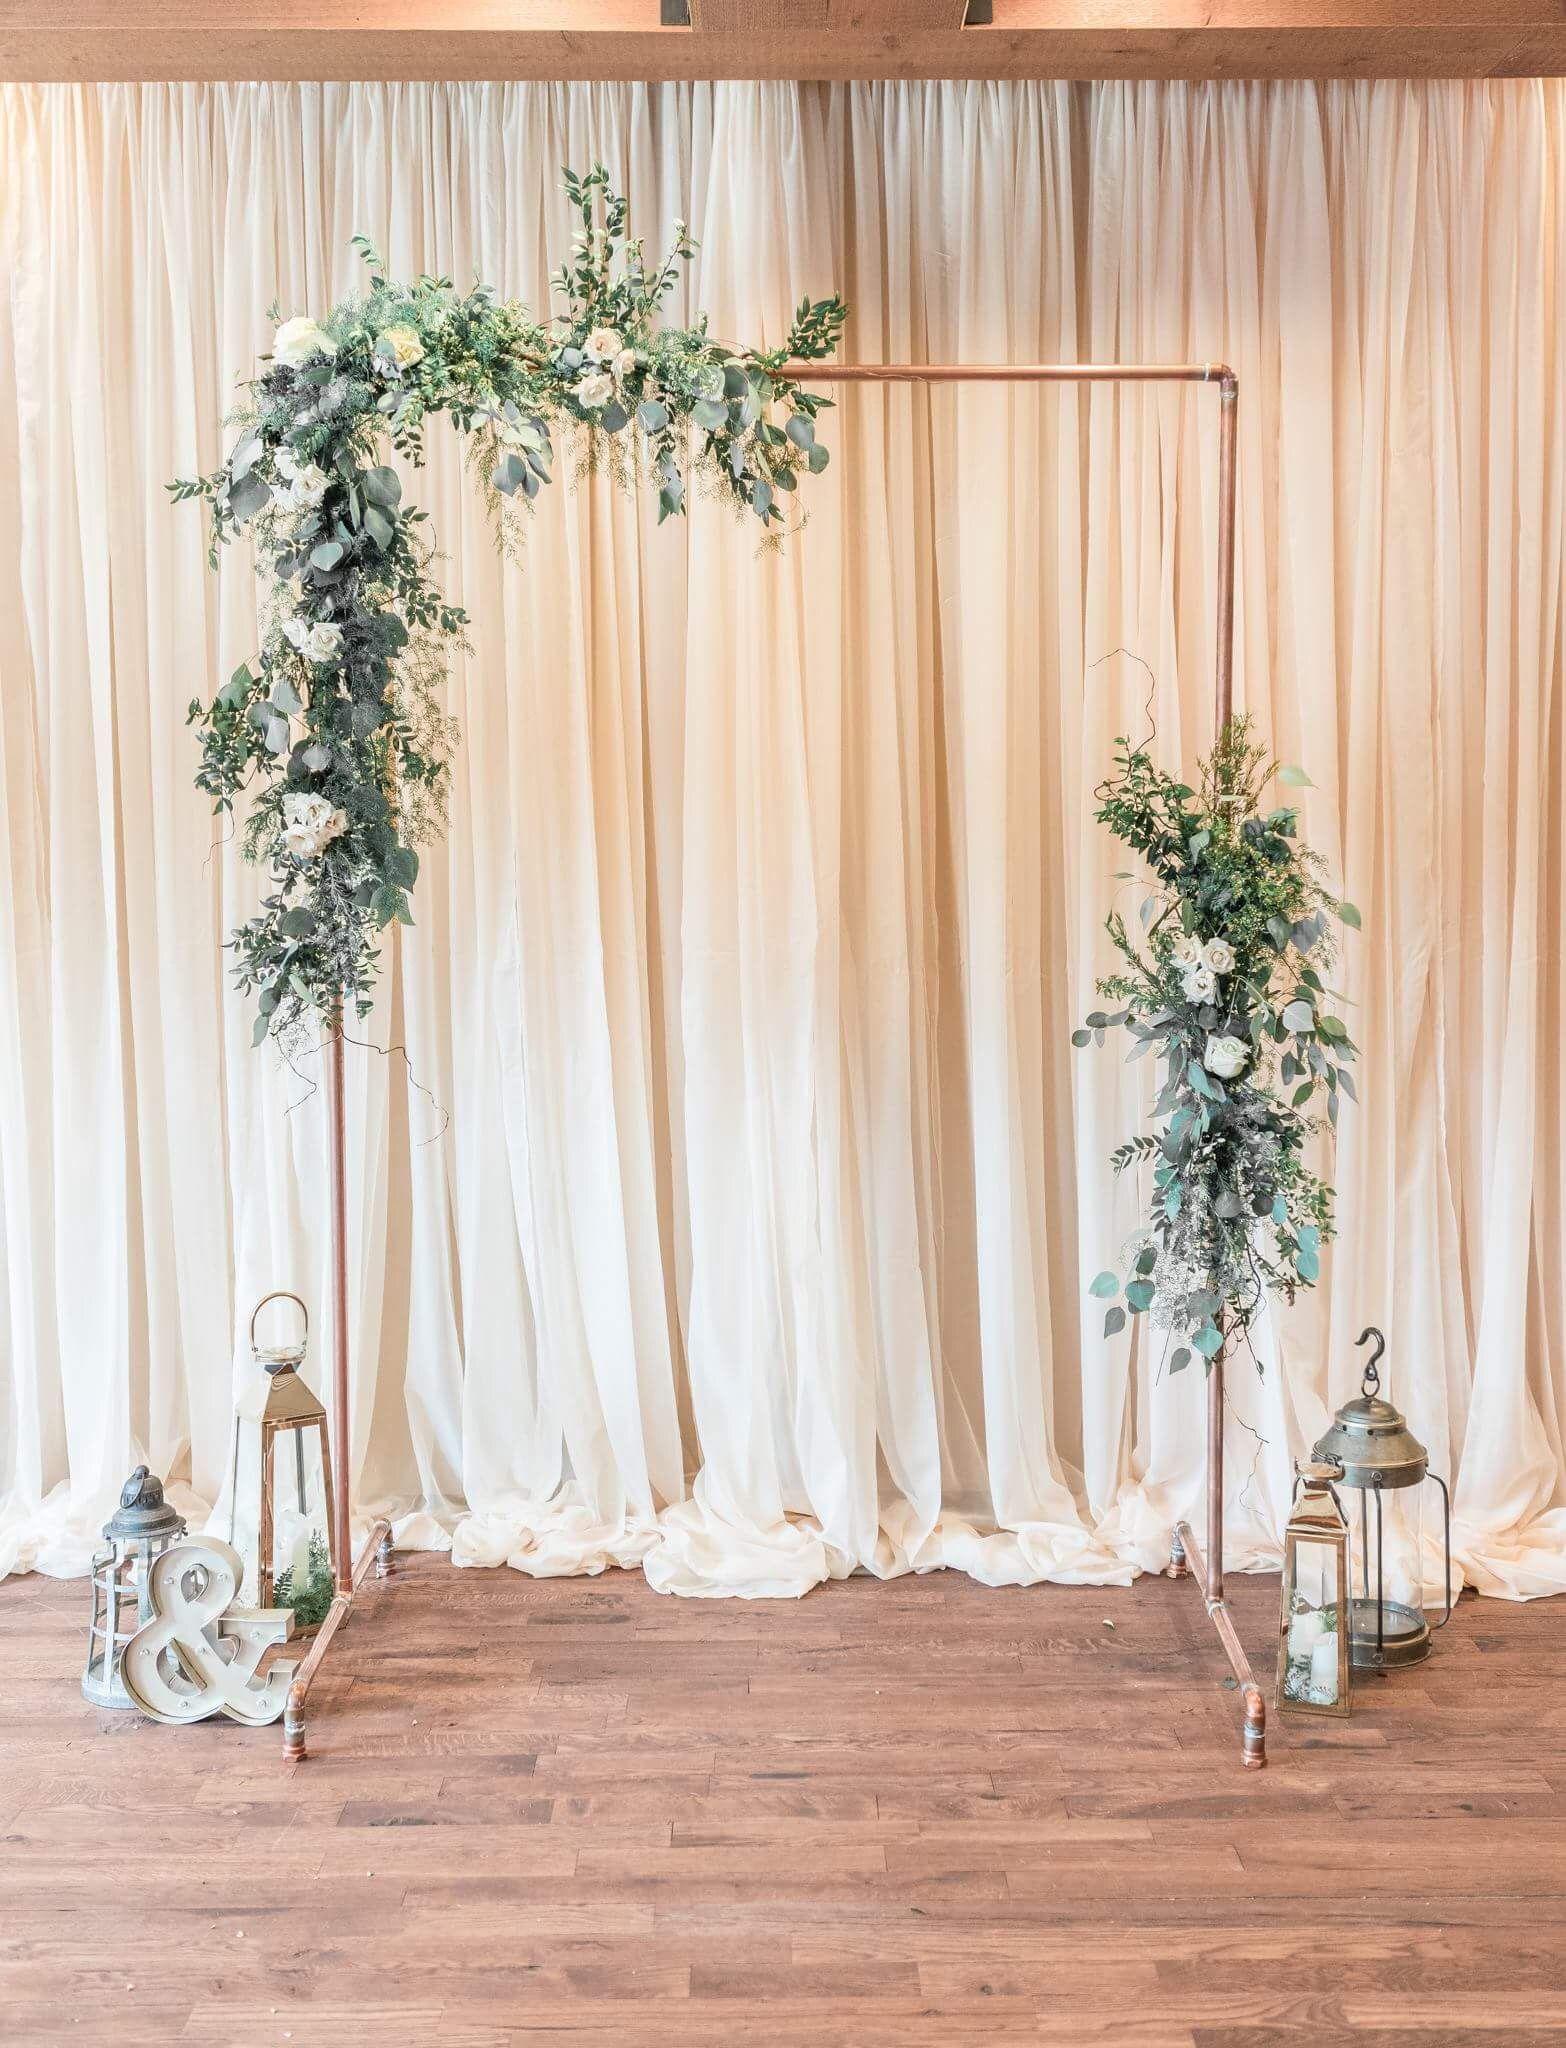 Minimalist wedding copper wedding arch arbor greenery